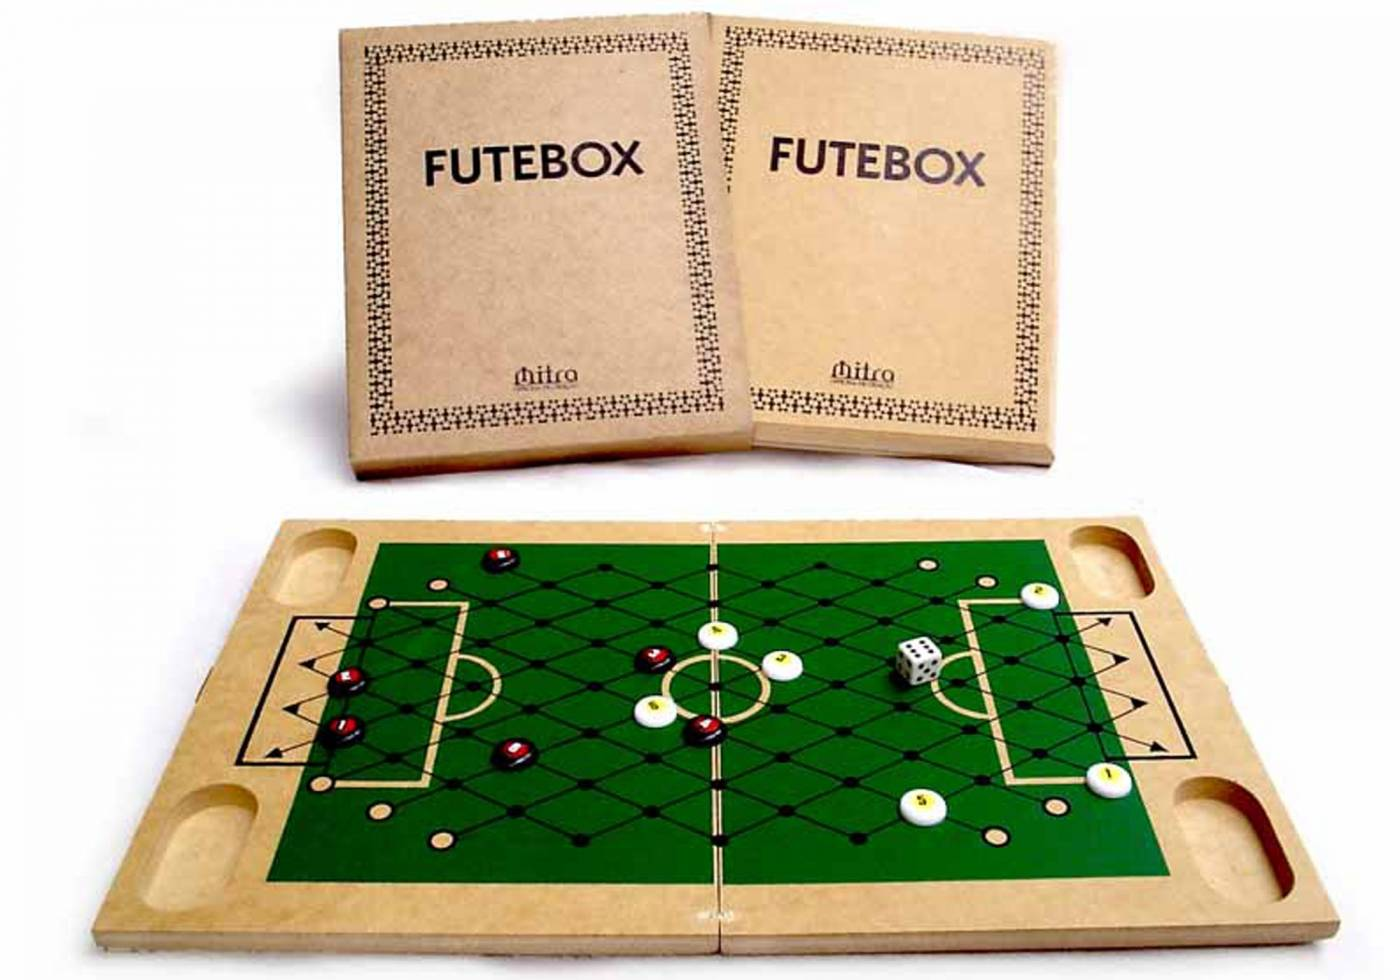 Futebox - Enciclopédia de Jogos